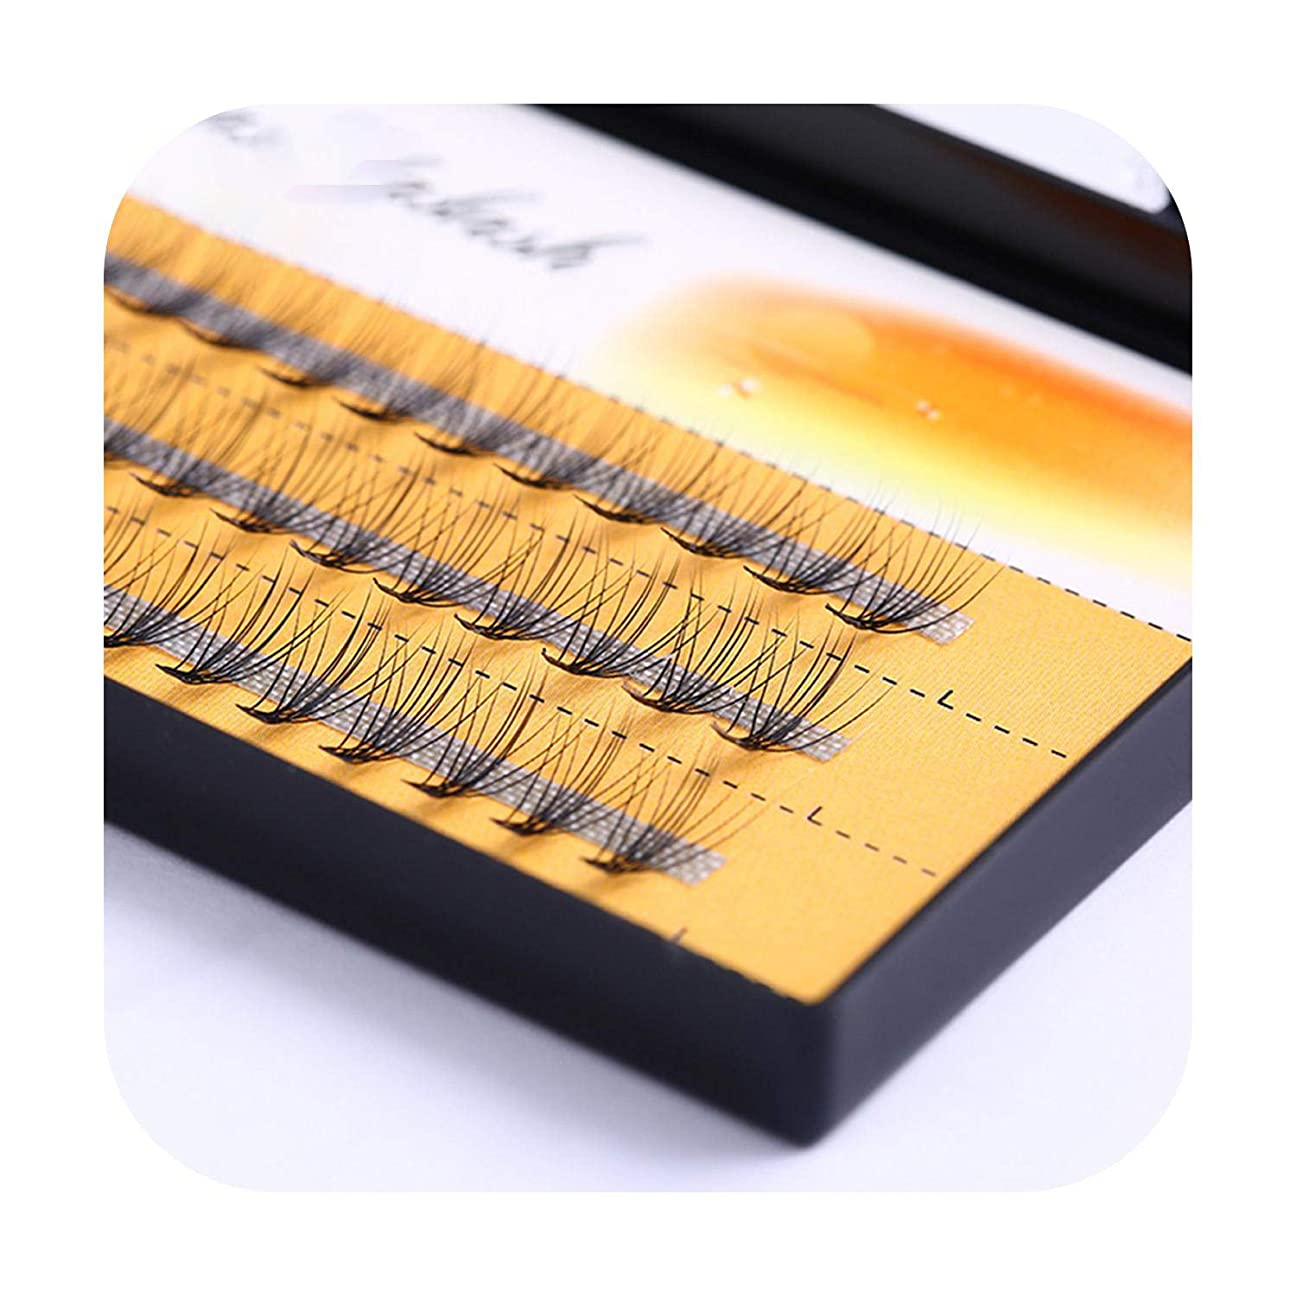 流いちゃつく権限個別まつげナチュラルつけまつげソフト個別まつげ手作り3D偽まつげエクステンション60バンドル/ボックス,0.10mm,13mm